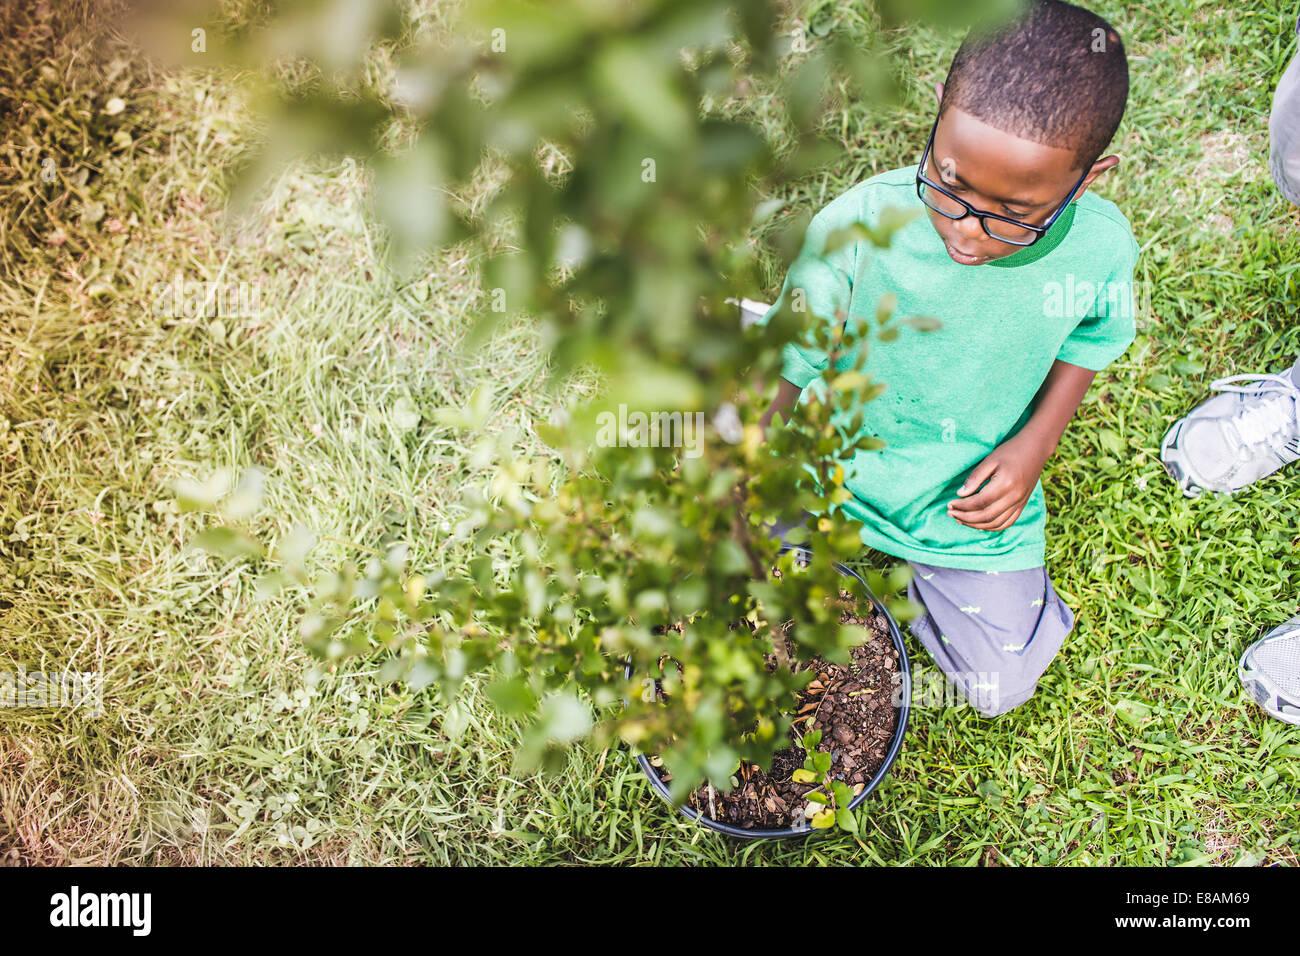 Muchacho arrodillado y tendiendo planta en parques campamento ecológico Imagen De Stock